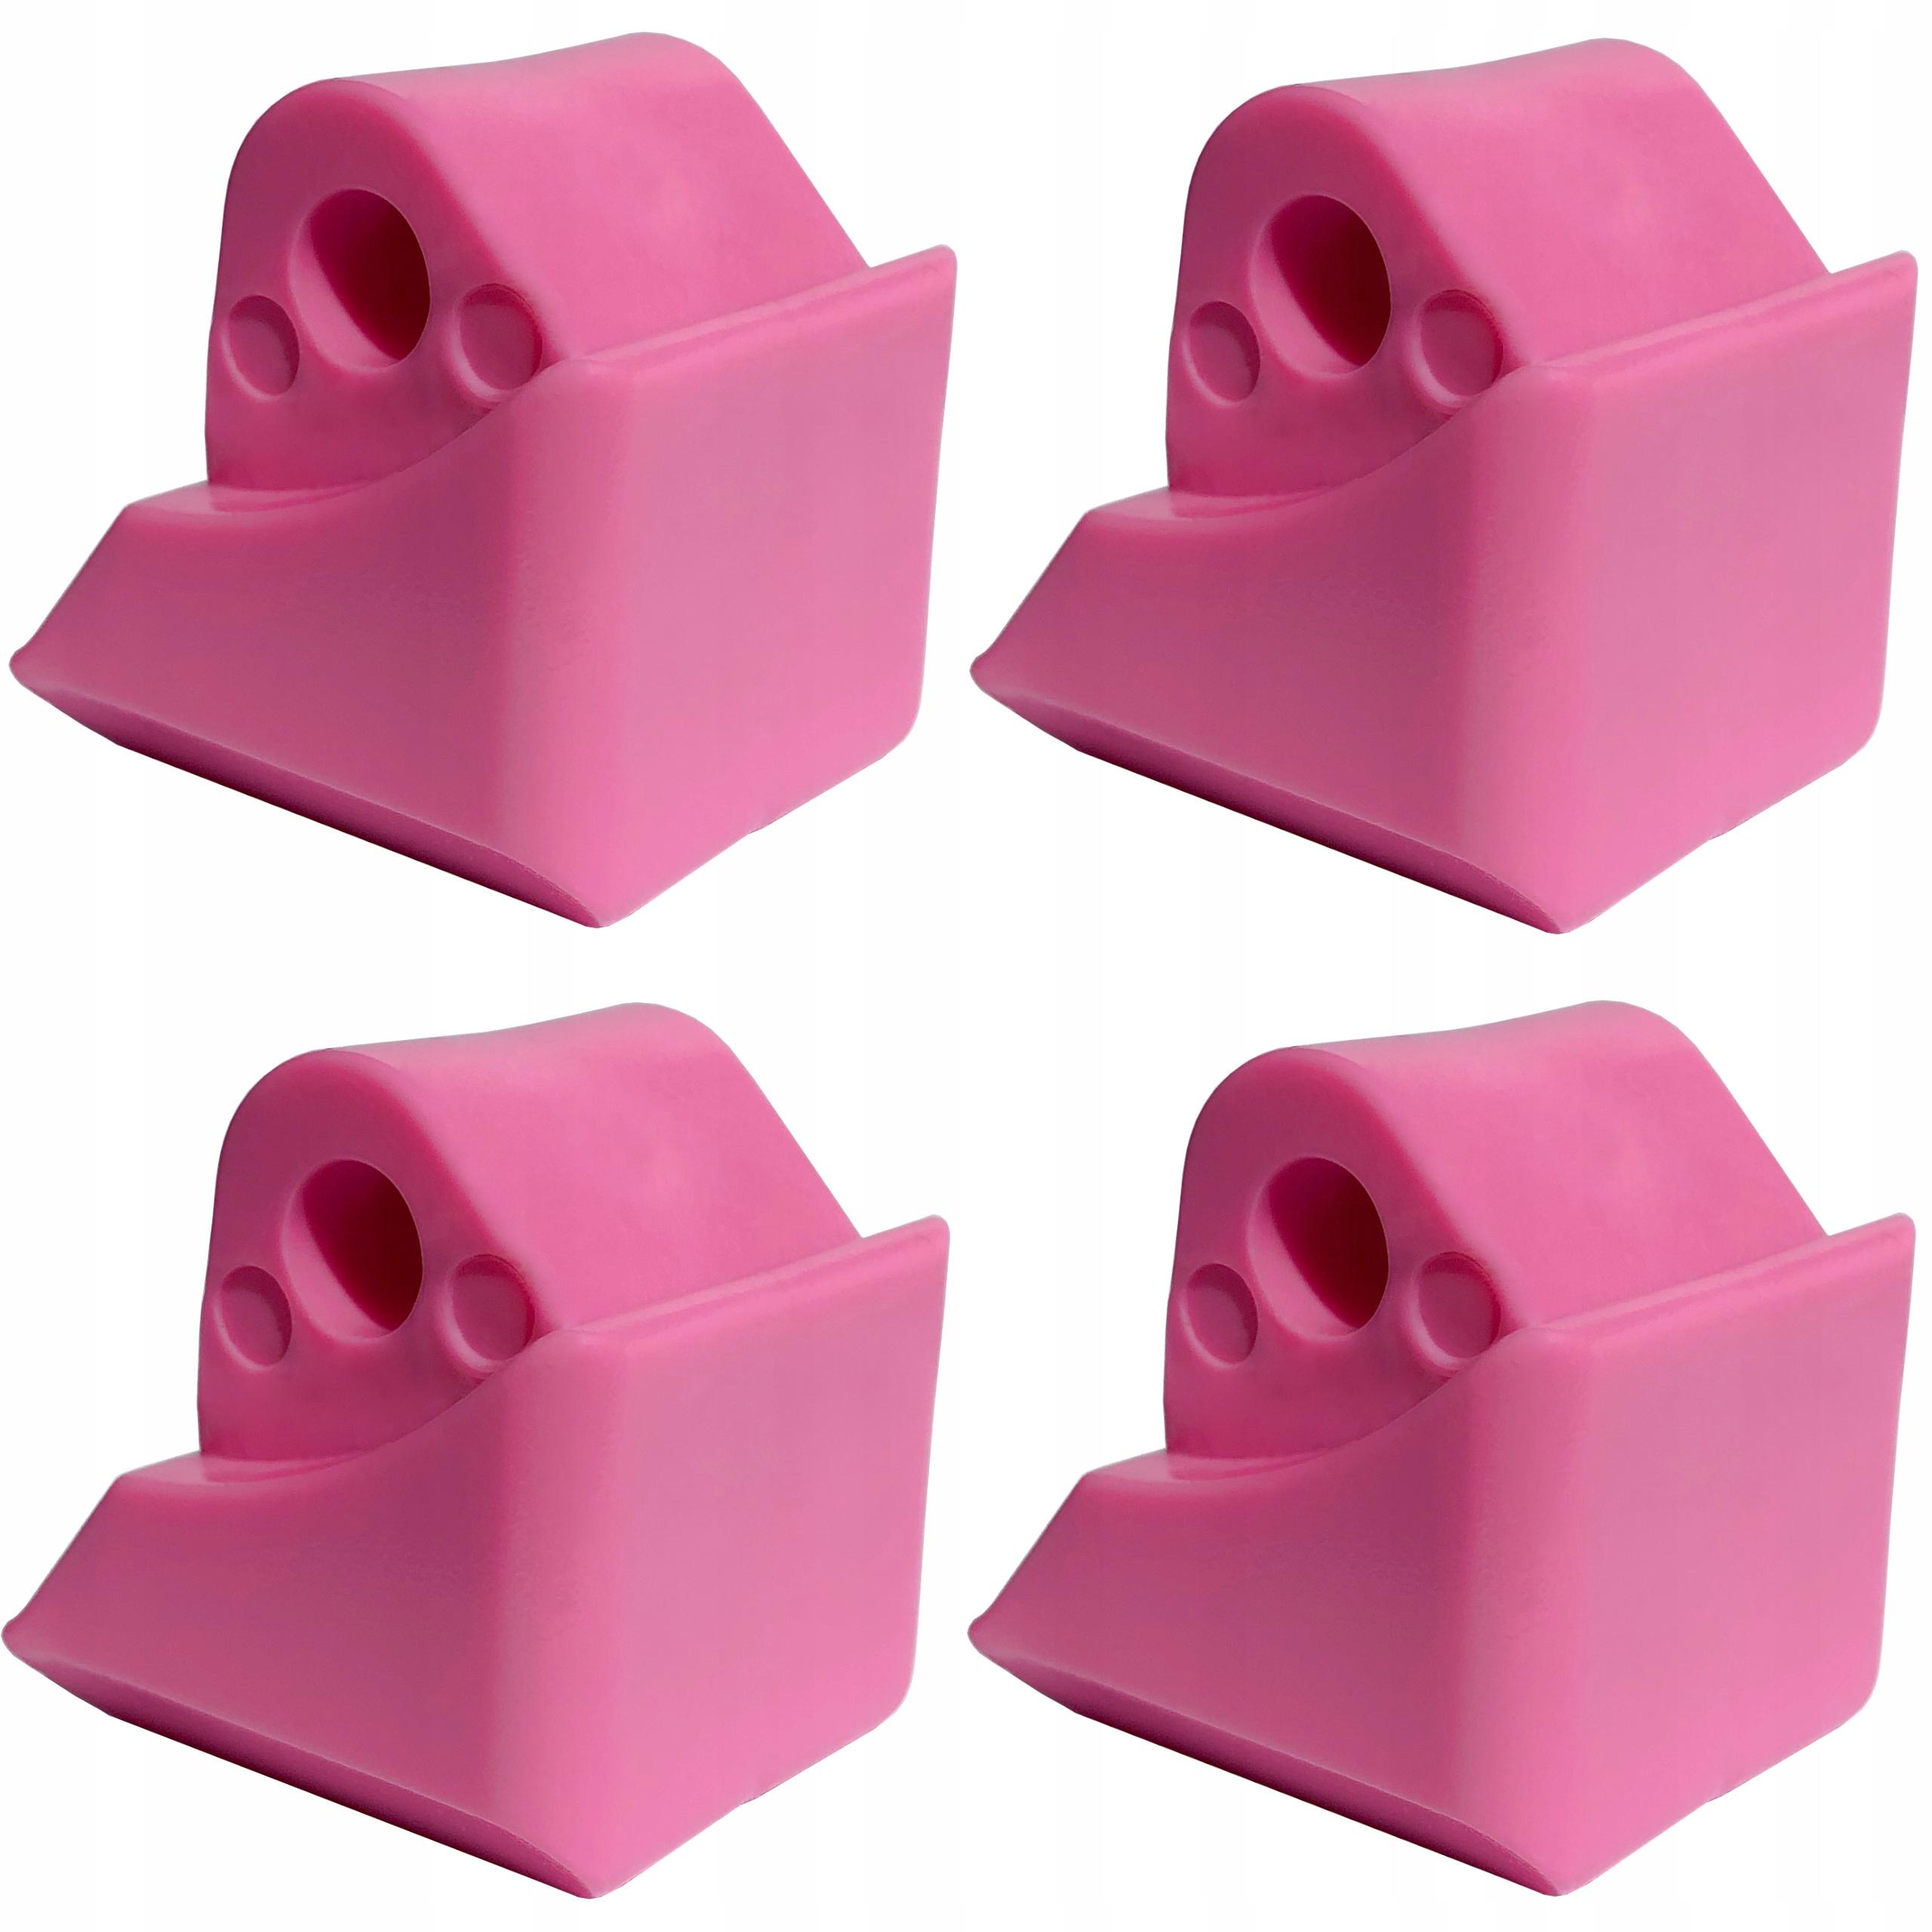 Brzda pre Raven Laguna XS ružové PVC 4ks